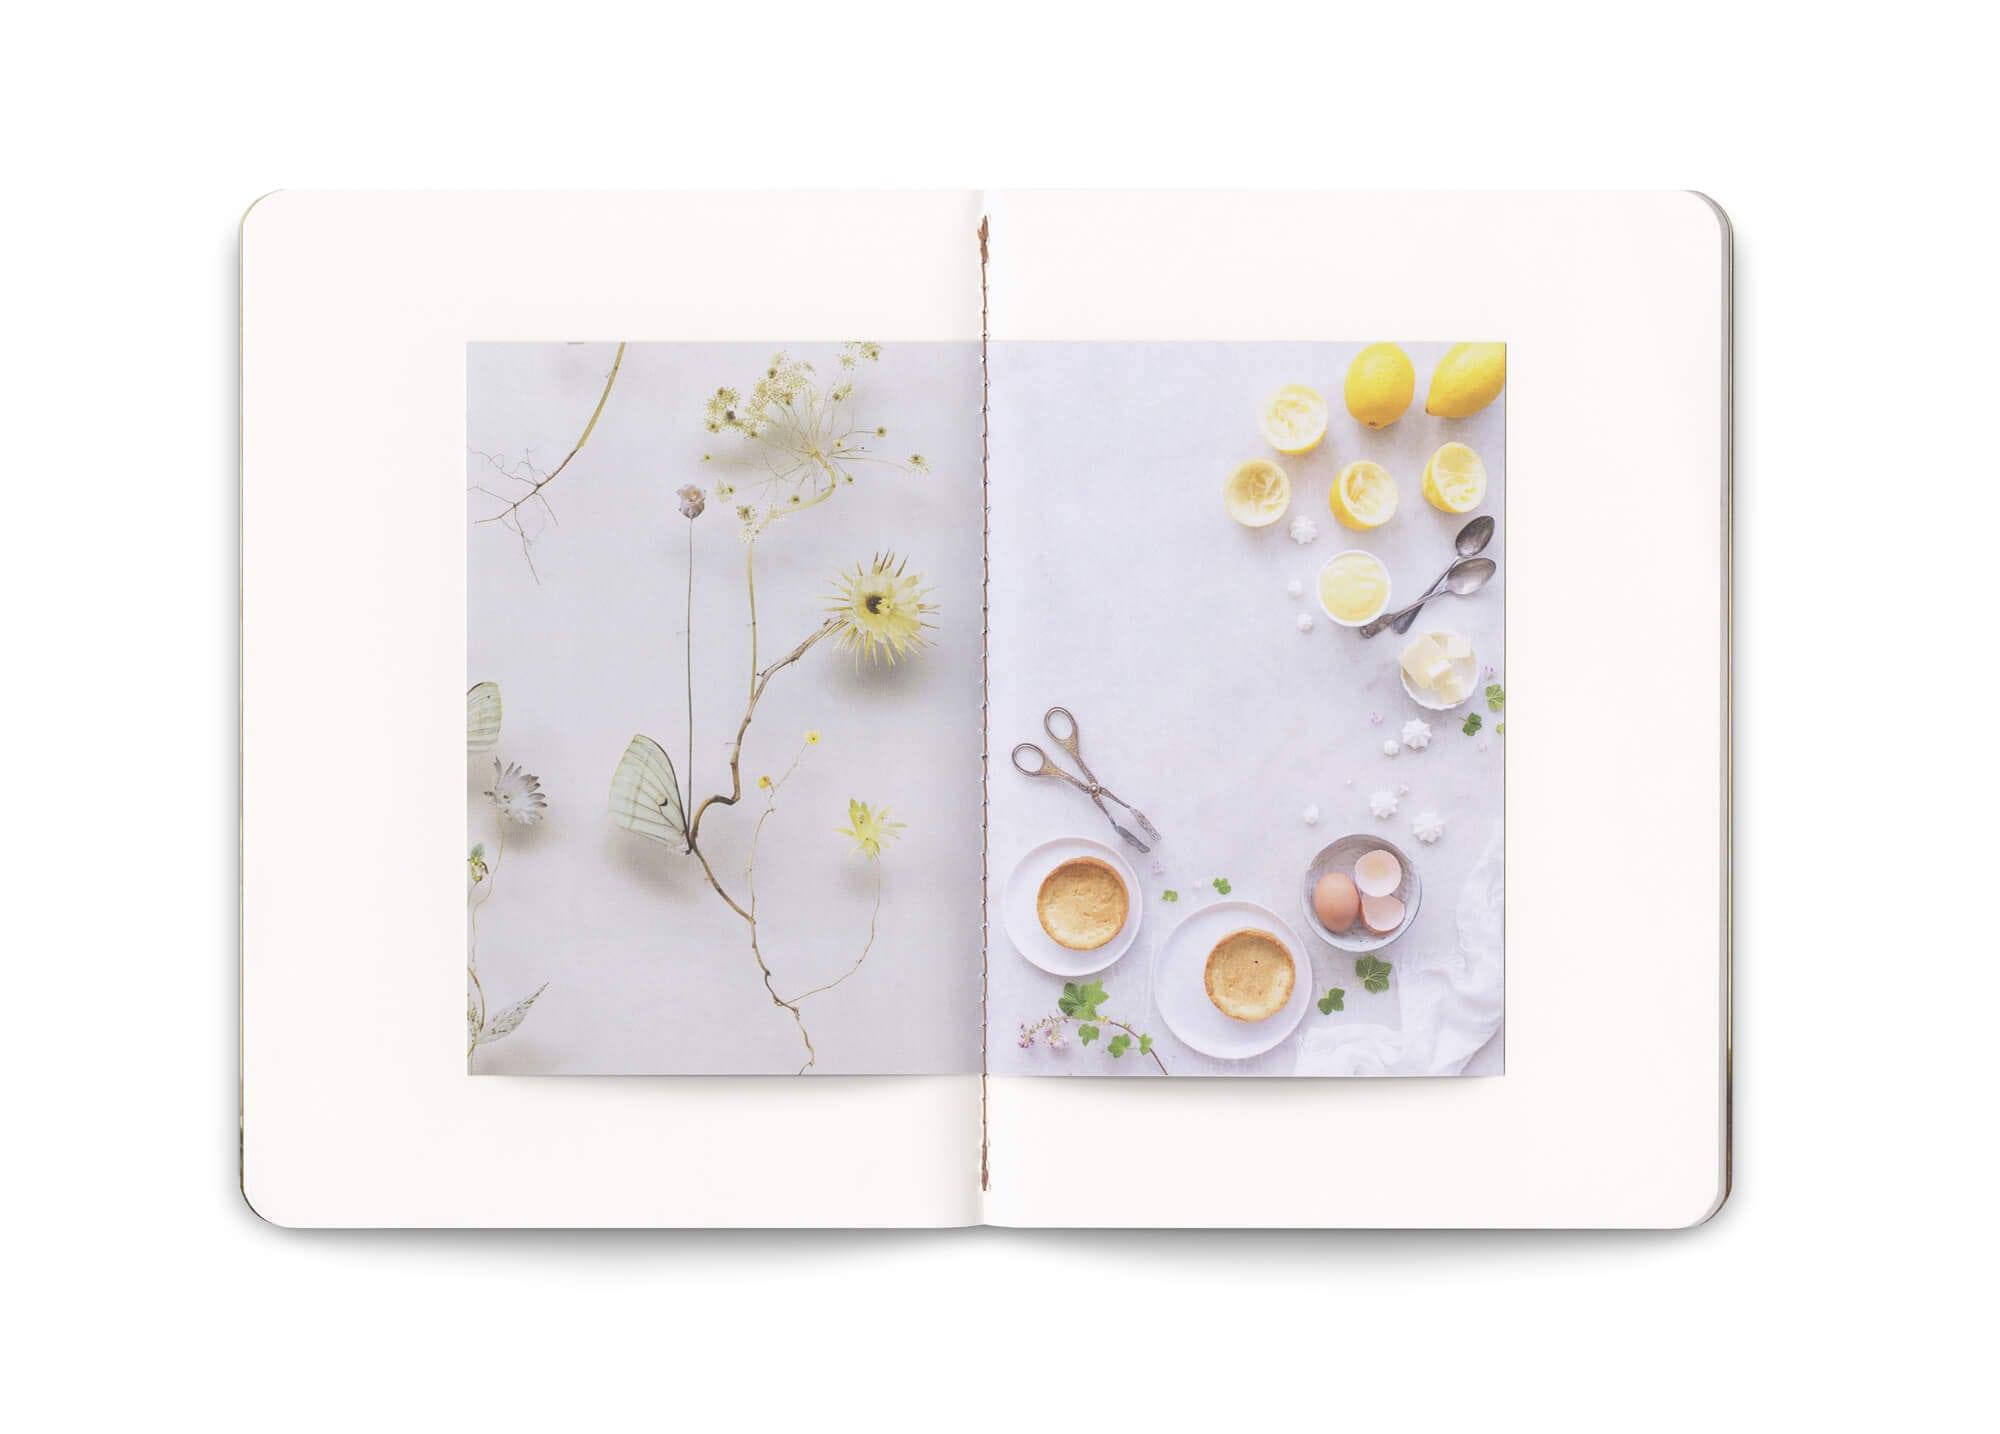 belle double page avec reliure cousue, du carnet réalisé par le studio Ich&kar